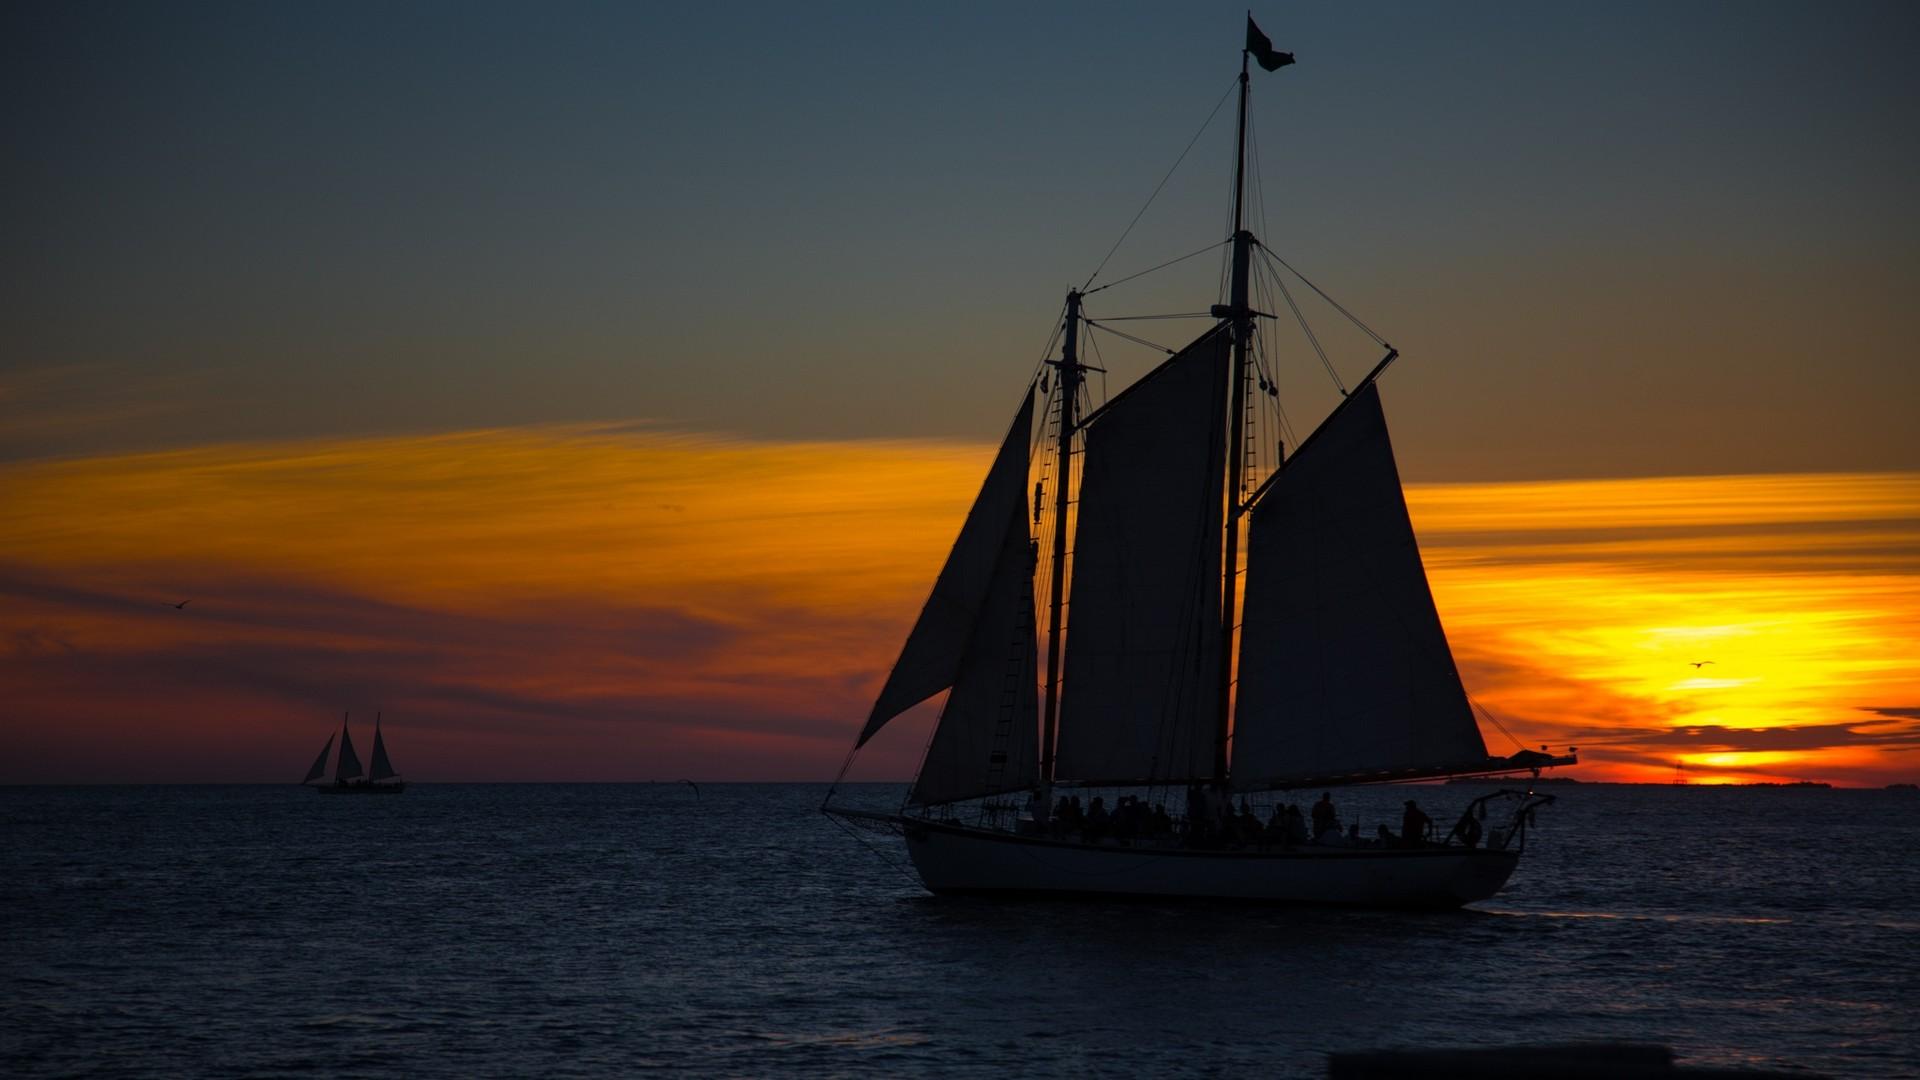 парусник, корабль, паруса